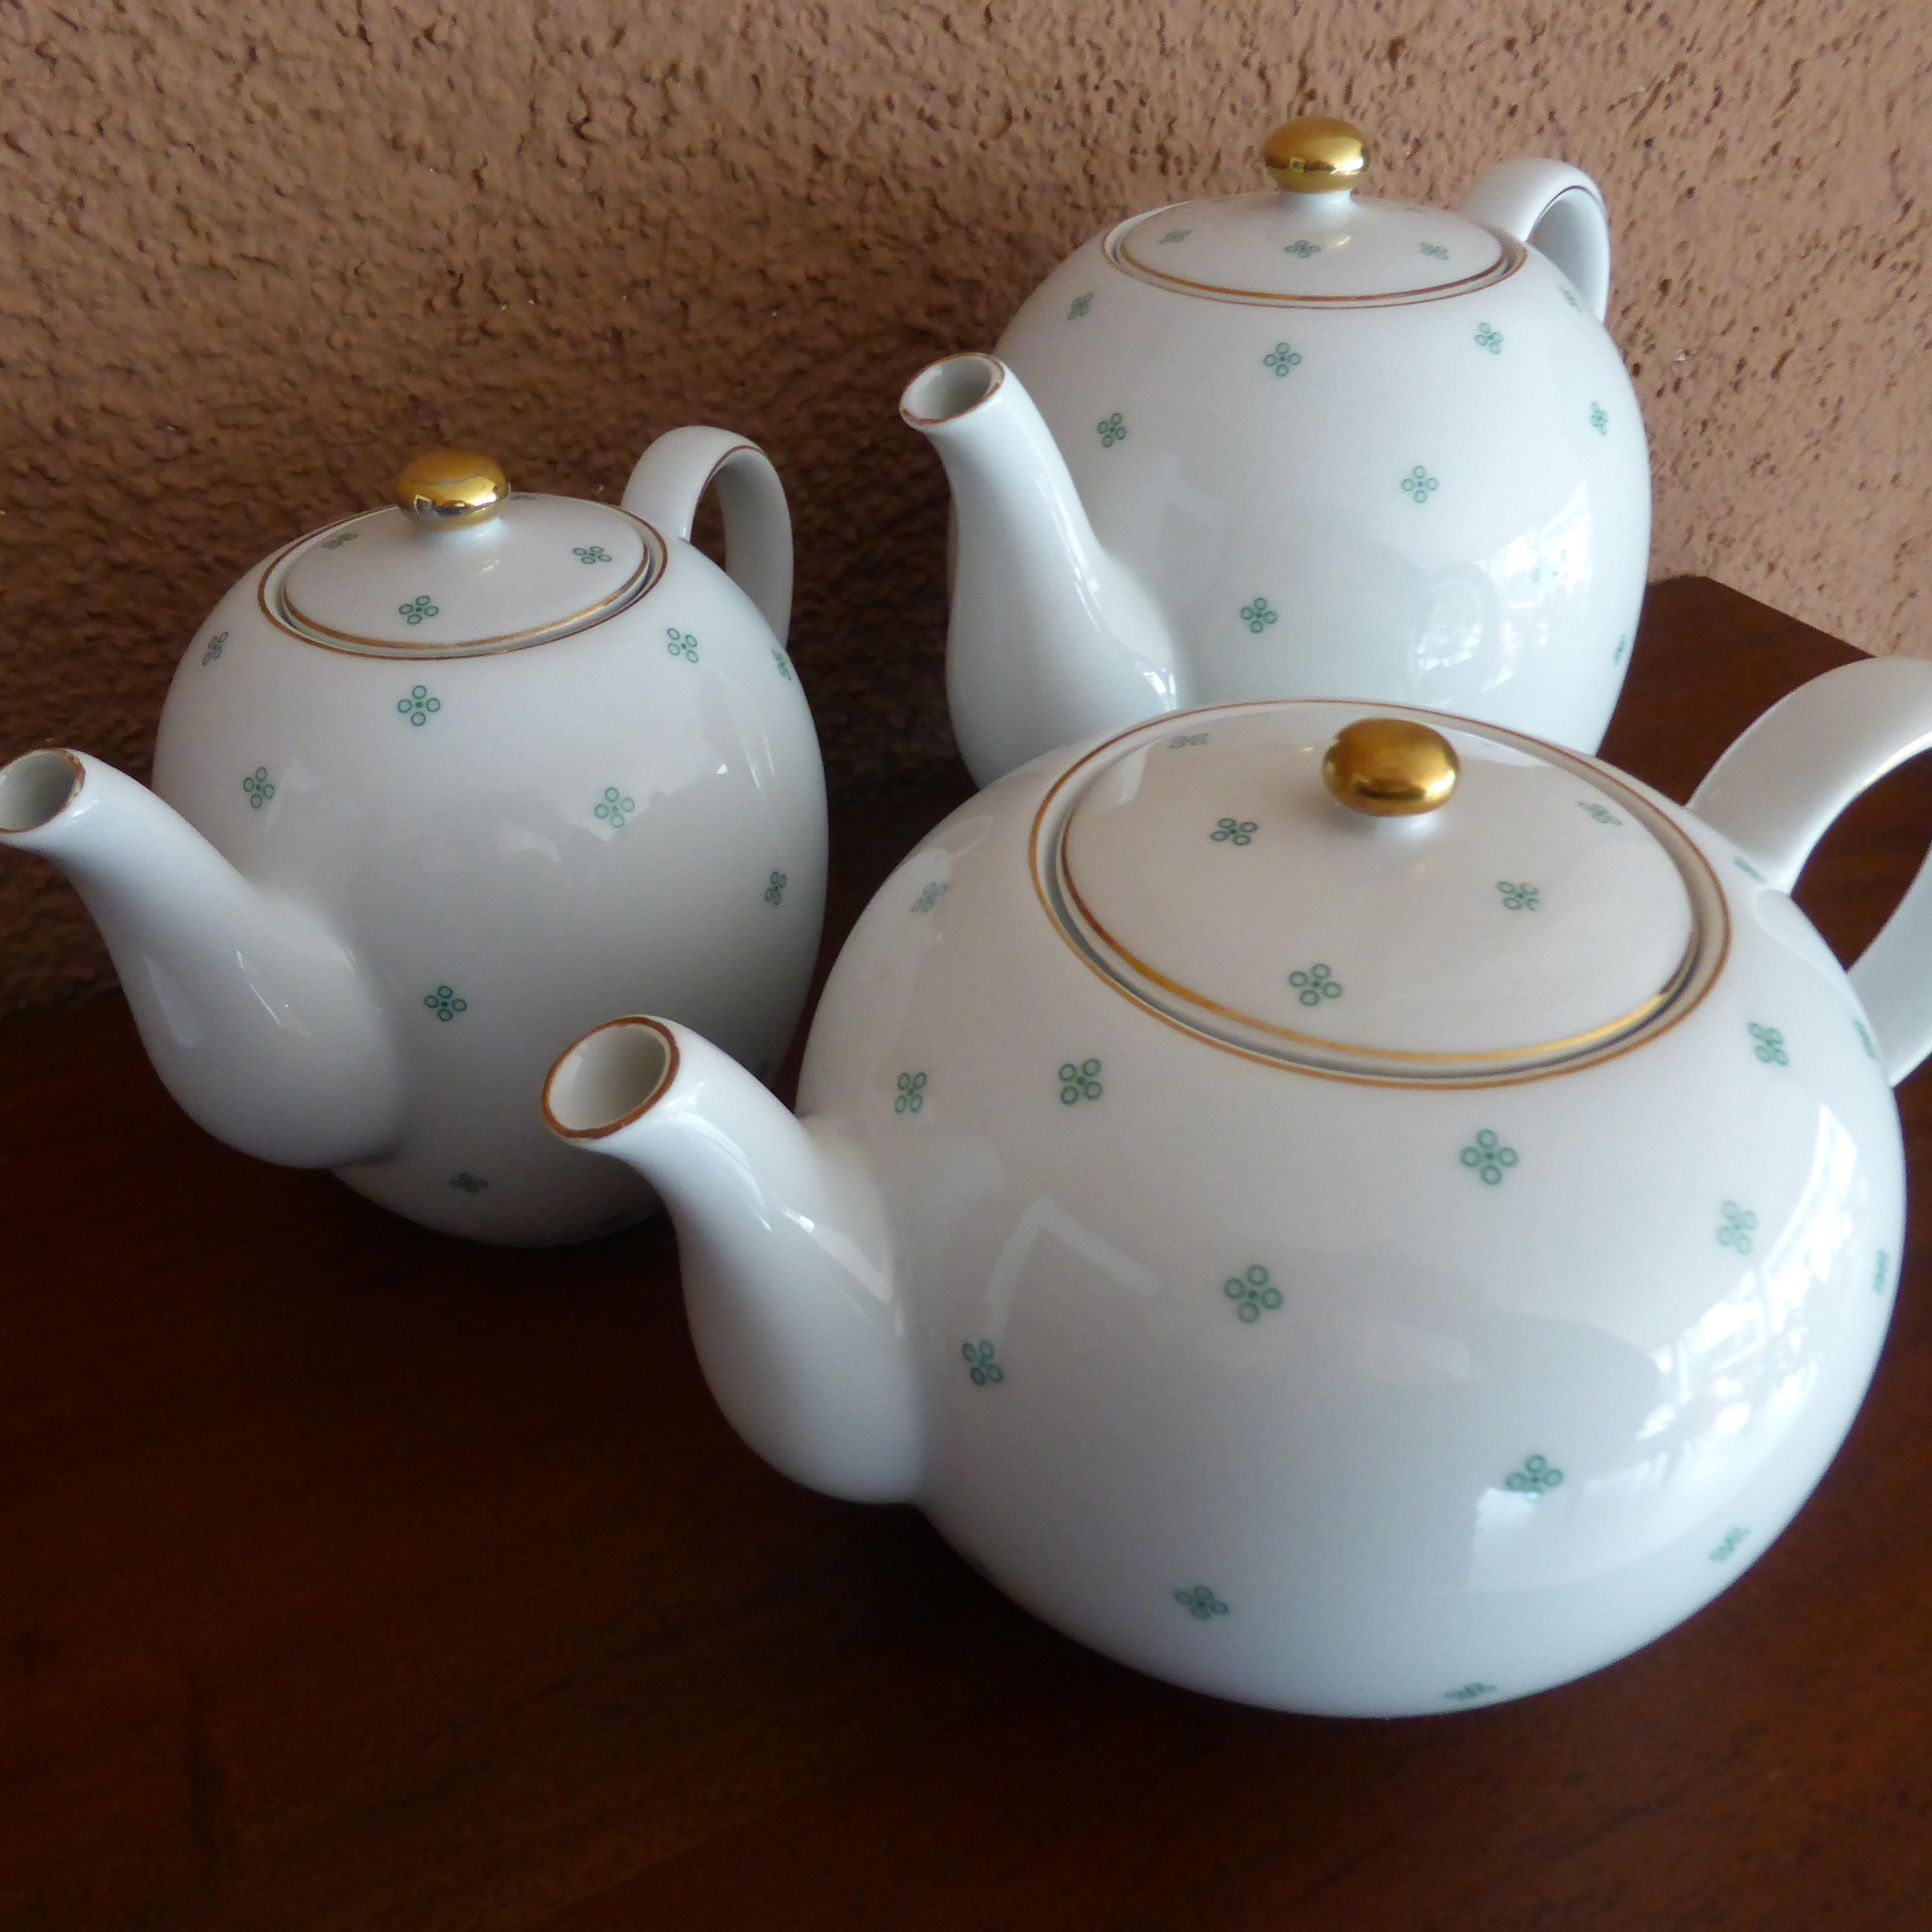 gambar putih hijau keramik barang pecah belah bahan seni porselen teko kopi piring. Black Bedroom Furniture Sets. Home Design Ideas